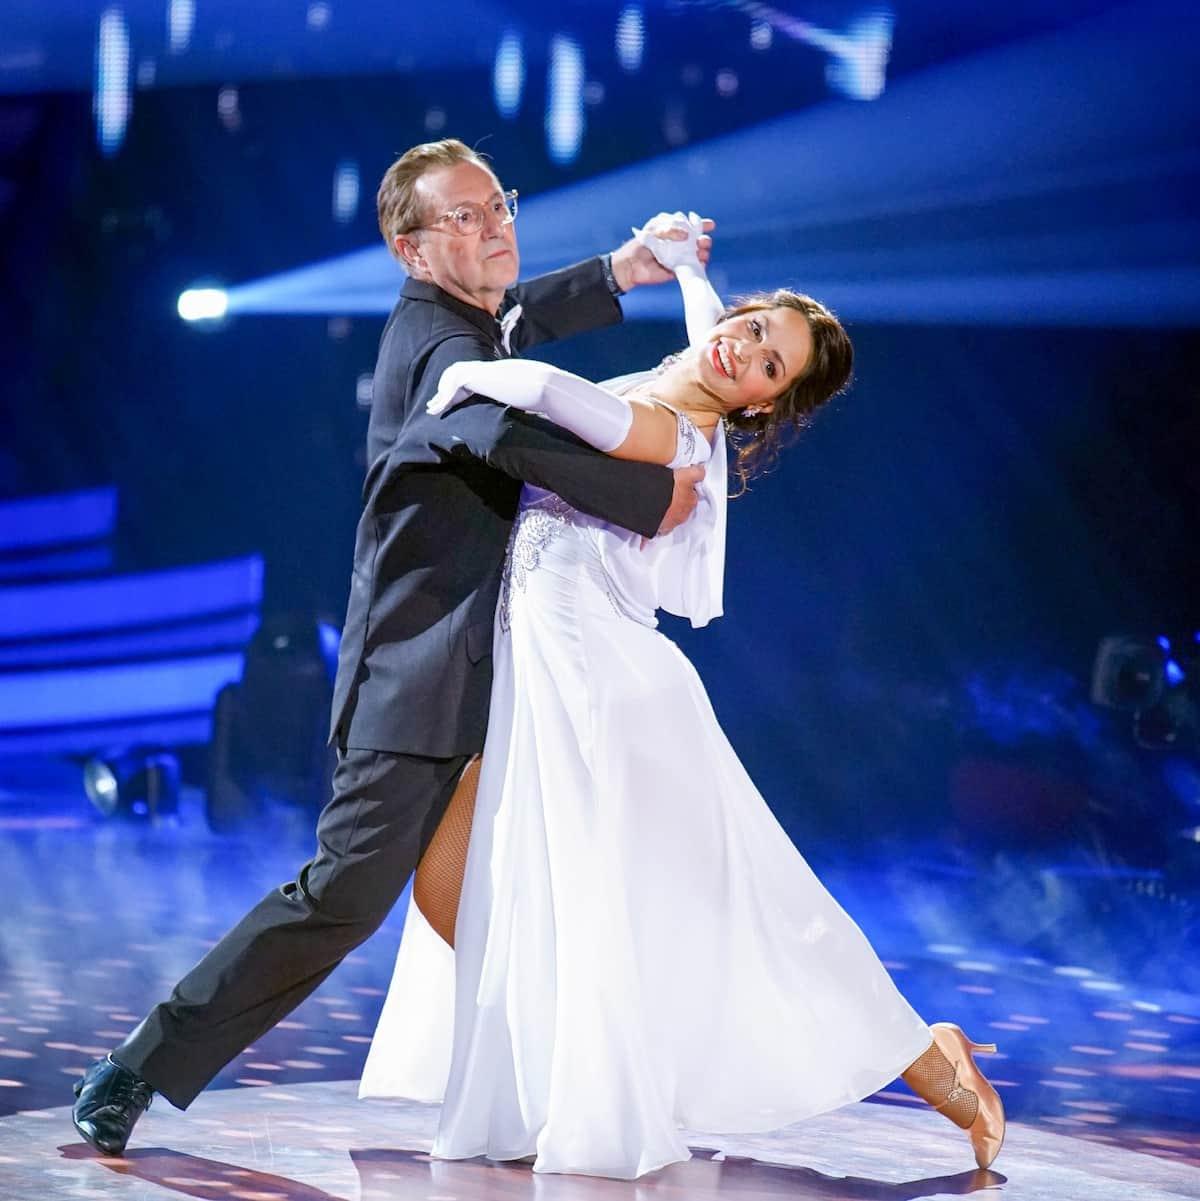 Bei Let's dance am 23.4.2021 ausgeschieden Jan Hofer und Christina Luft